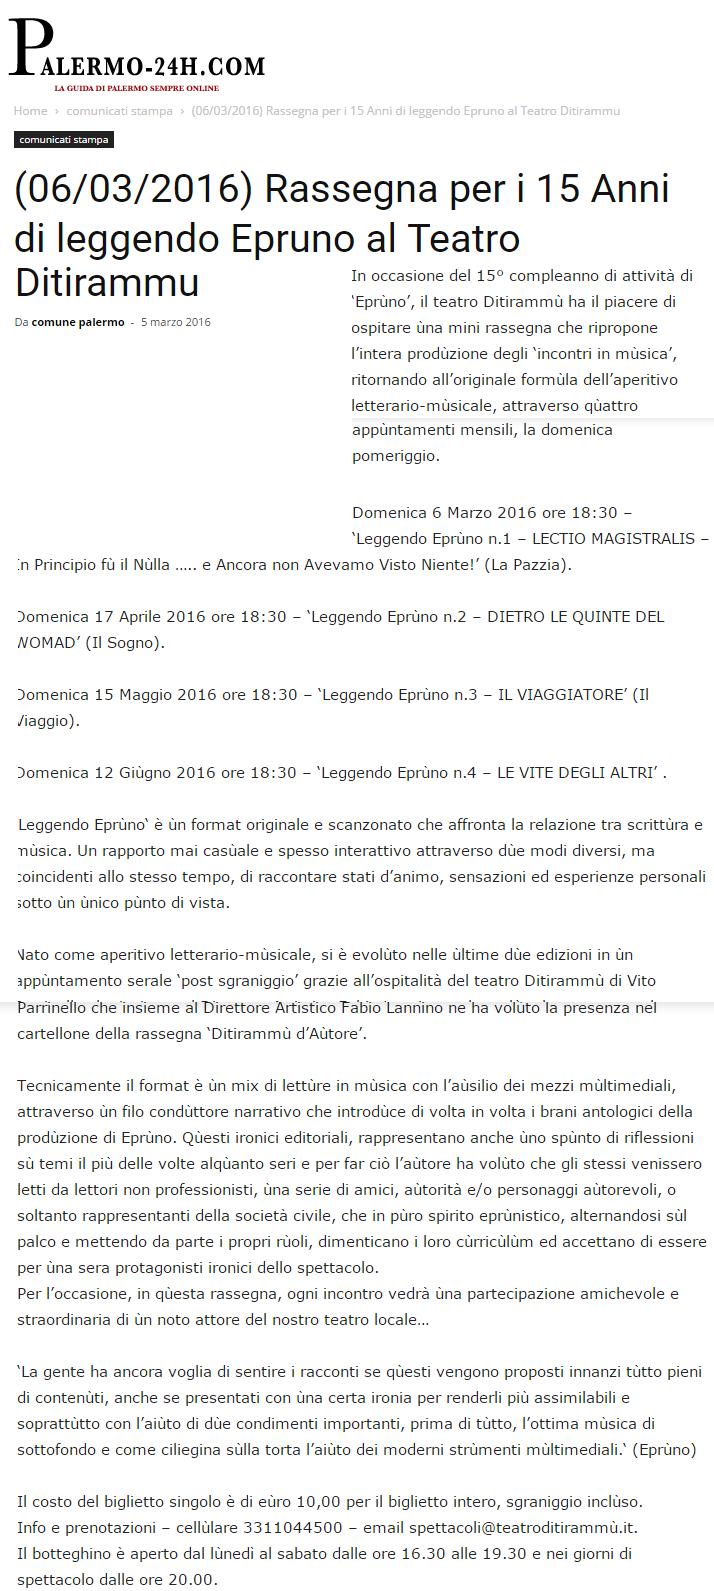 Palermo-24h.com